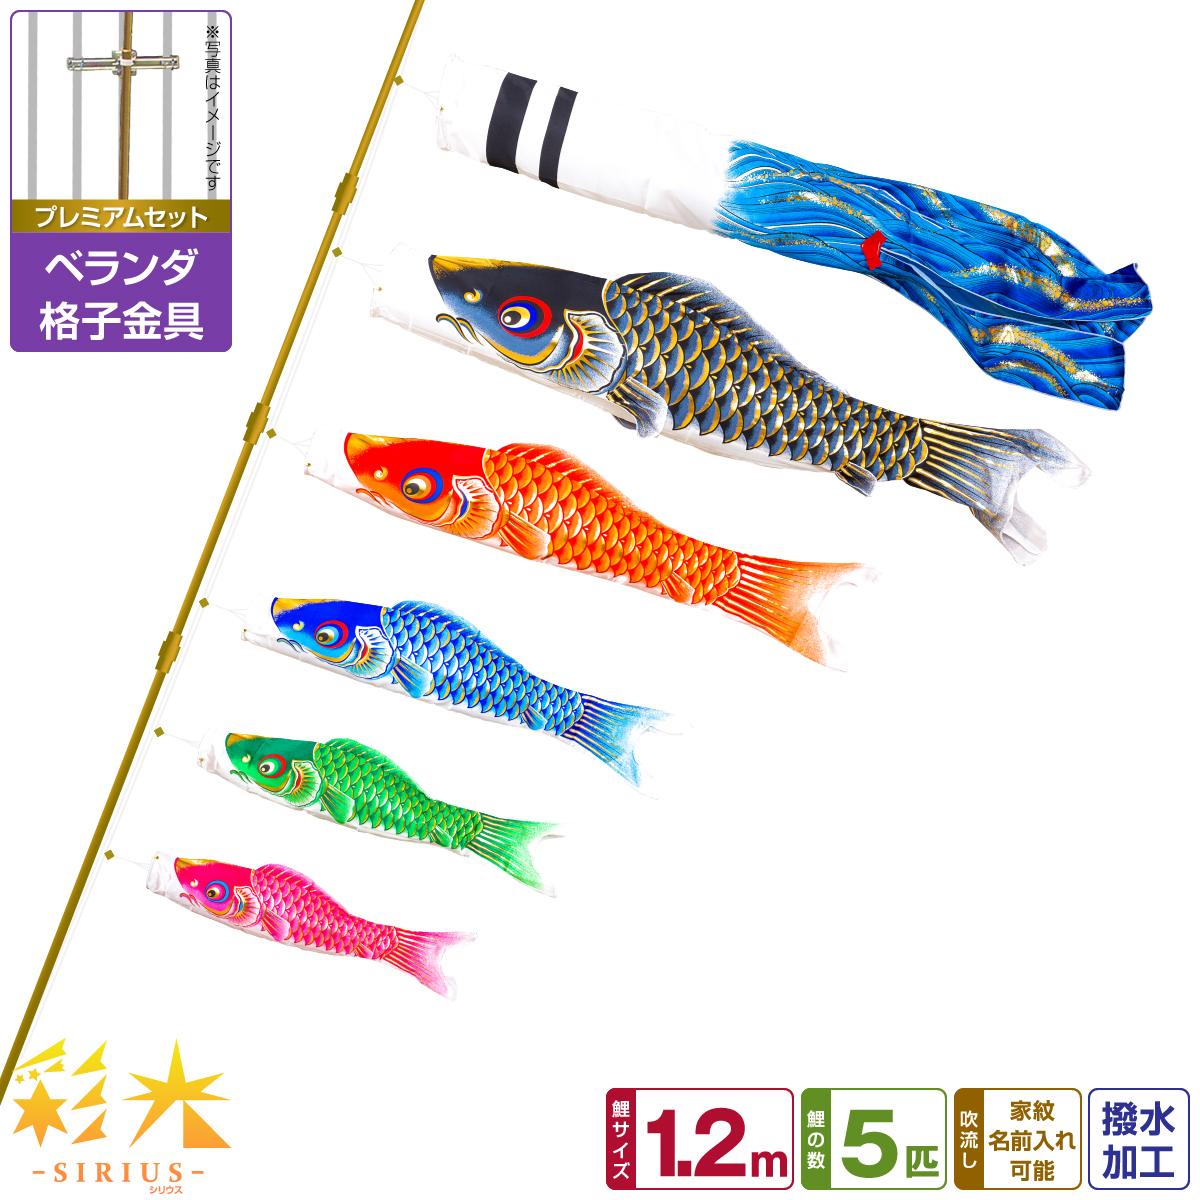 ベランダ用 こいのぼり 鯉のぼり SIRIUS/彩光鯉 1.2m 8点(吹流し+鯉5匹+矢車+ロープ)/プレミアムセット(格子金具)